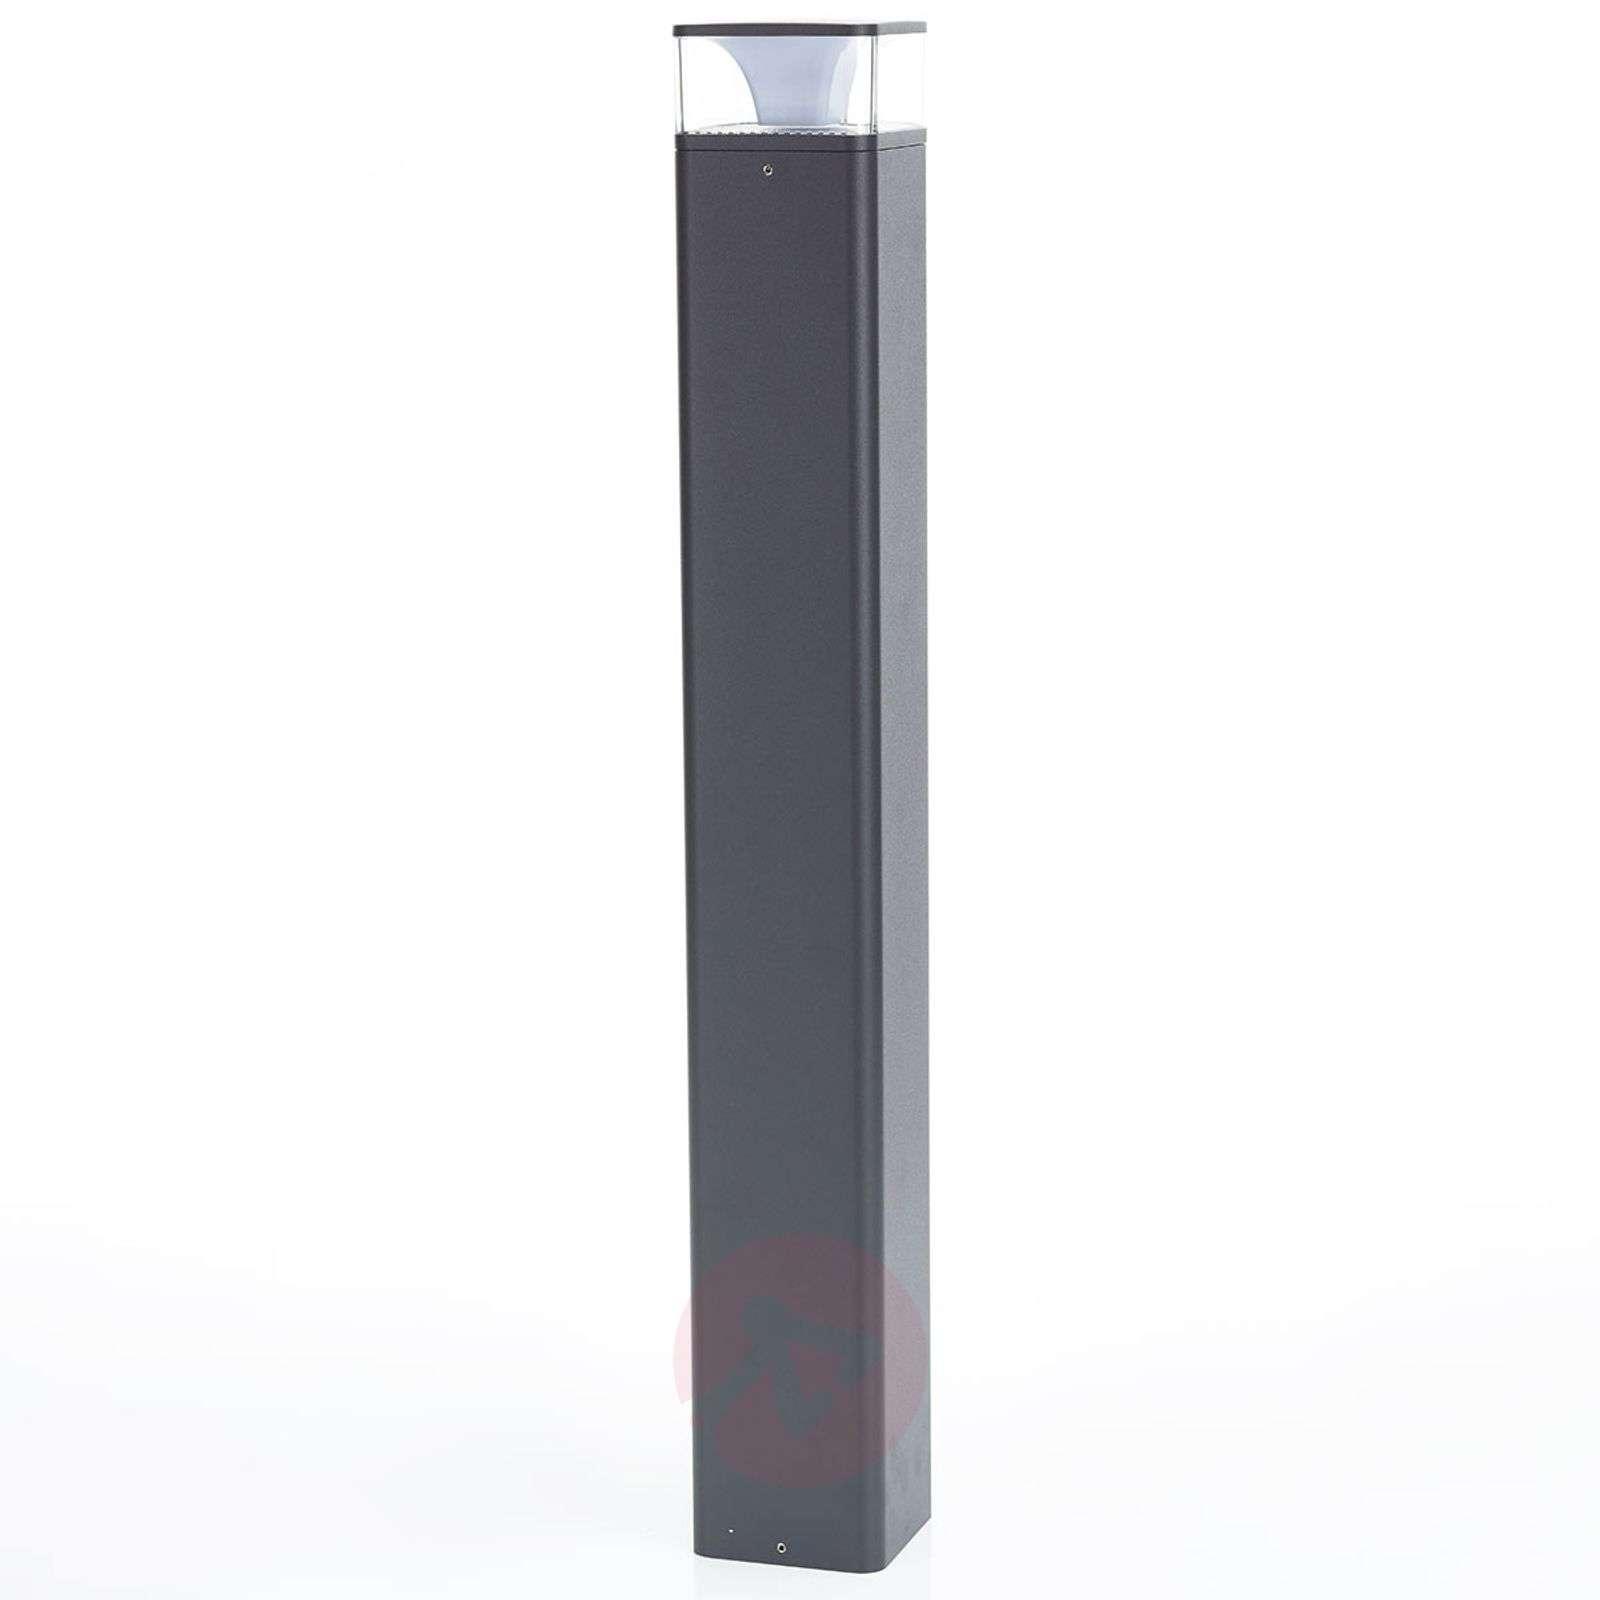 LED-pylväsvalaisin Lidia alumiinista-9618137-02